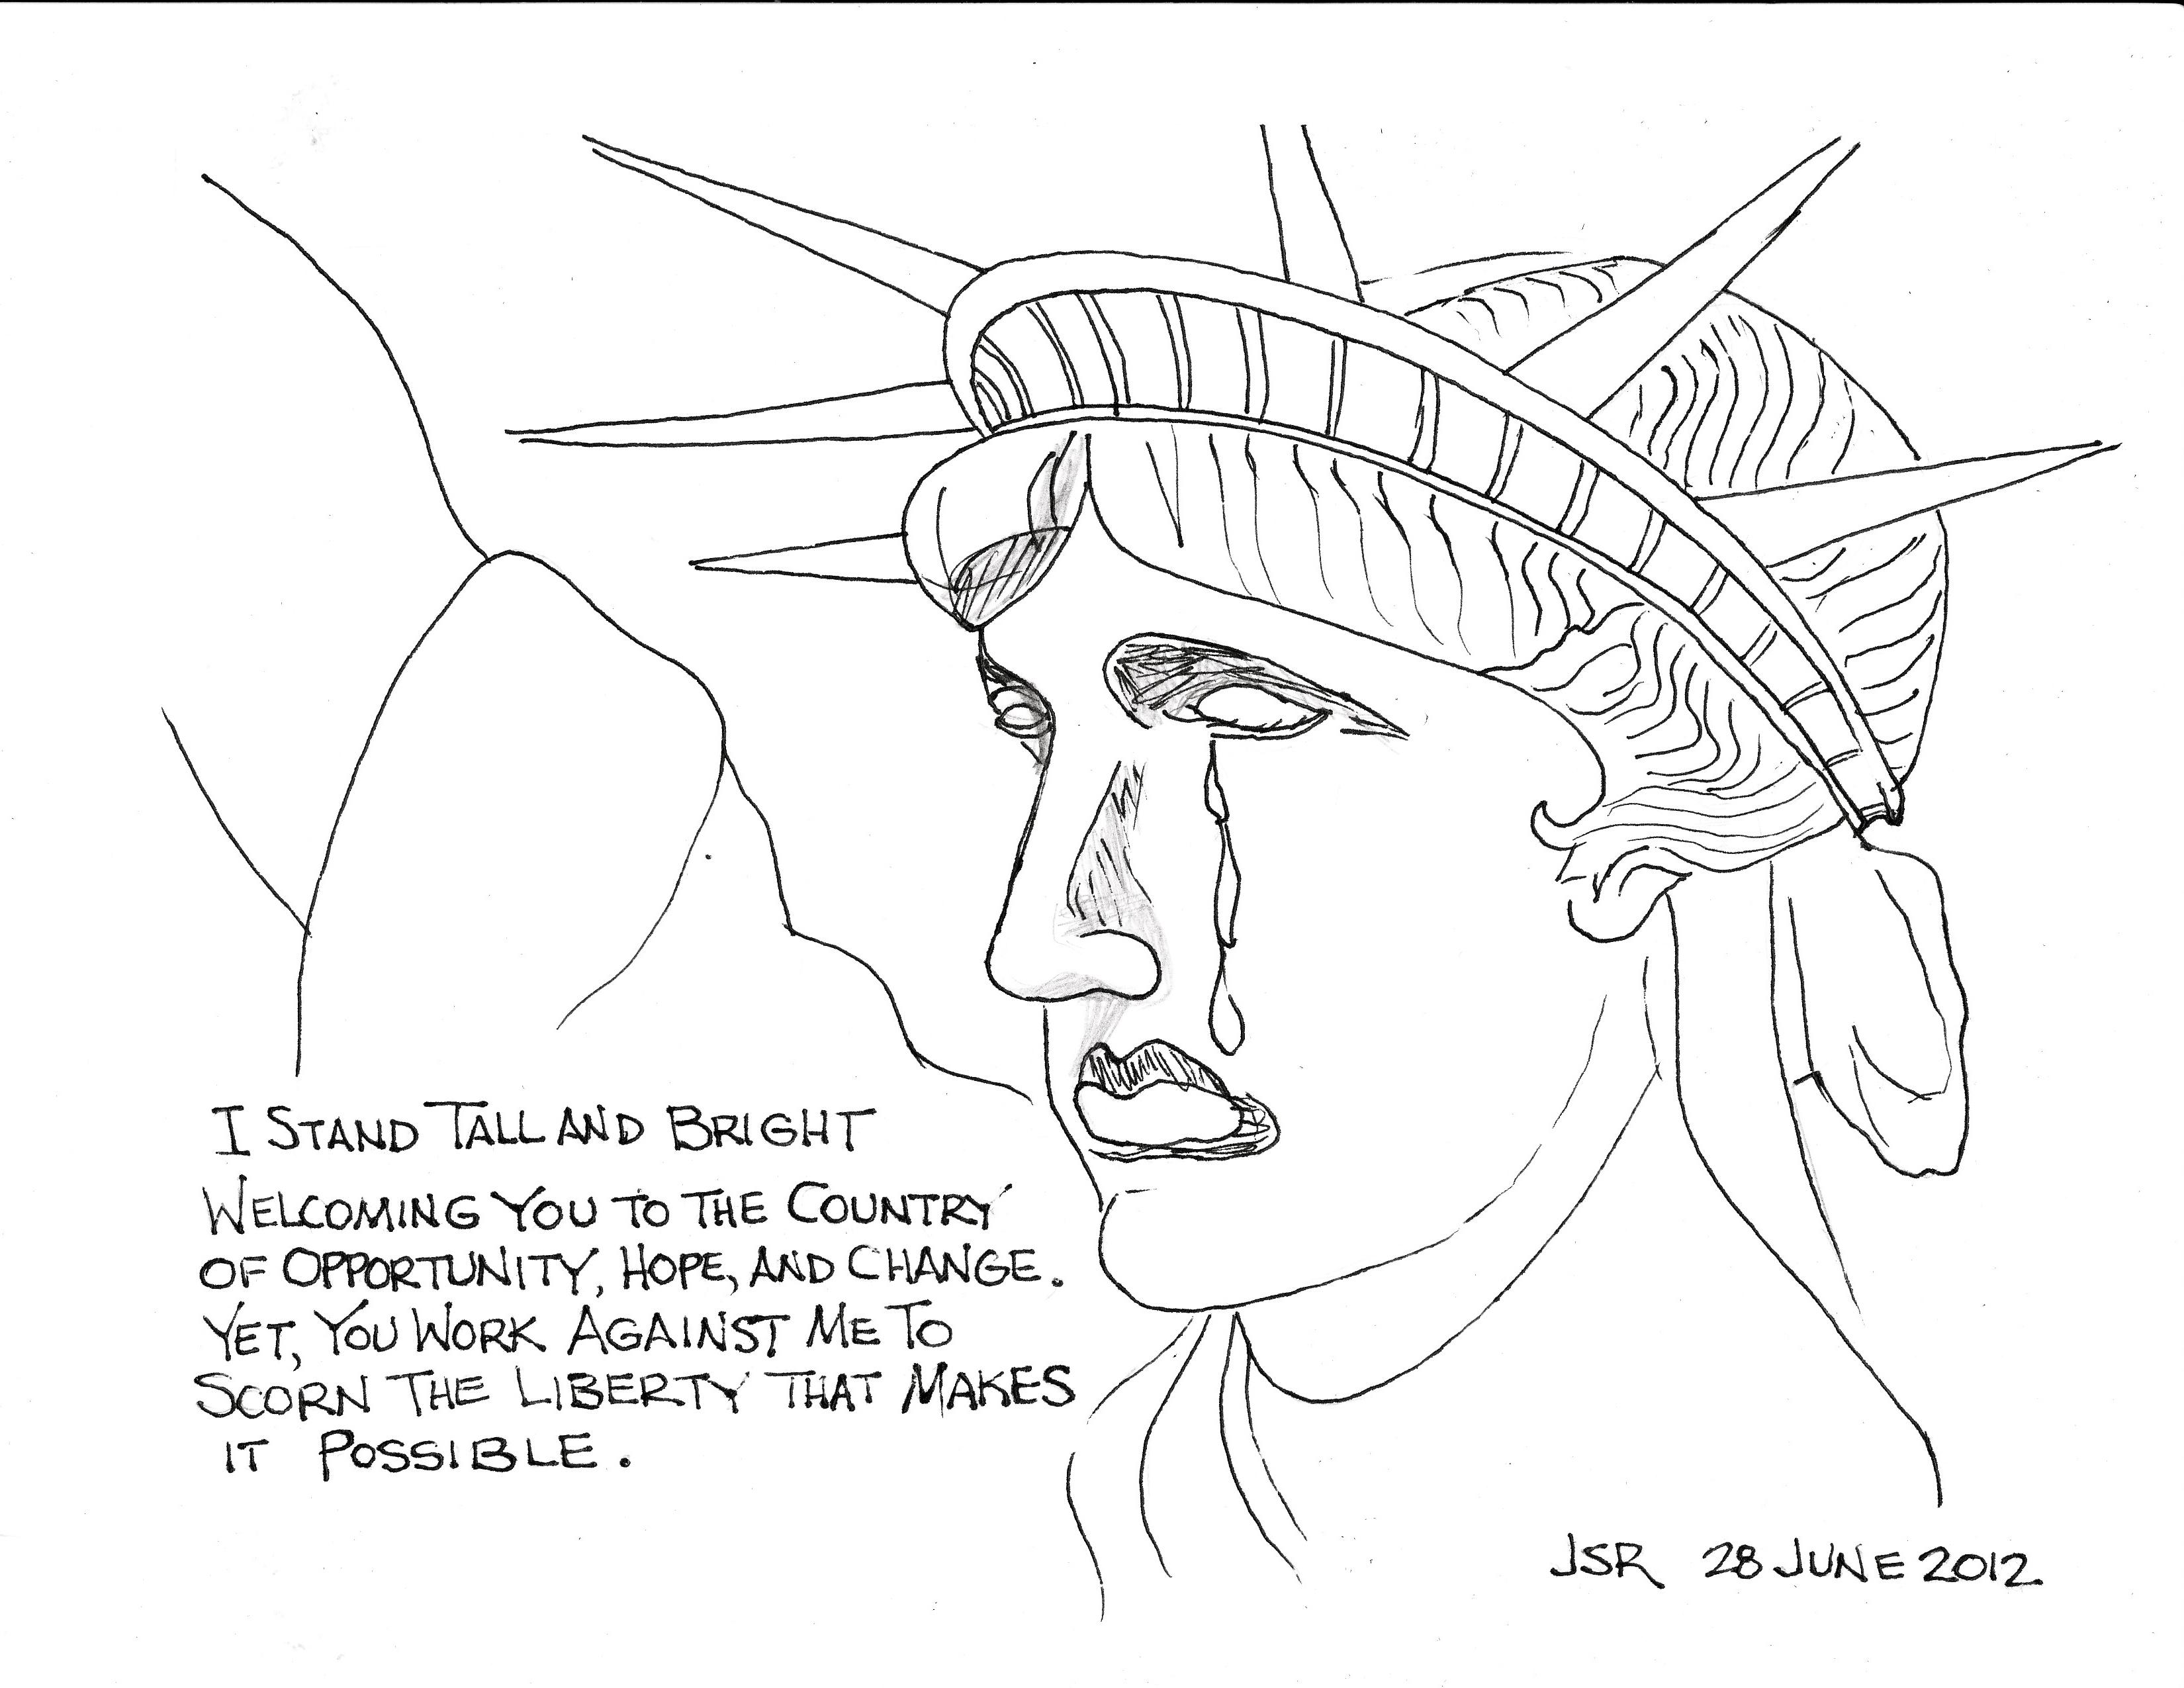 3300x2550 Statue Of Liberty Grumpa Joe's Place